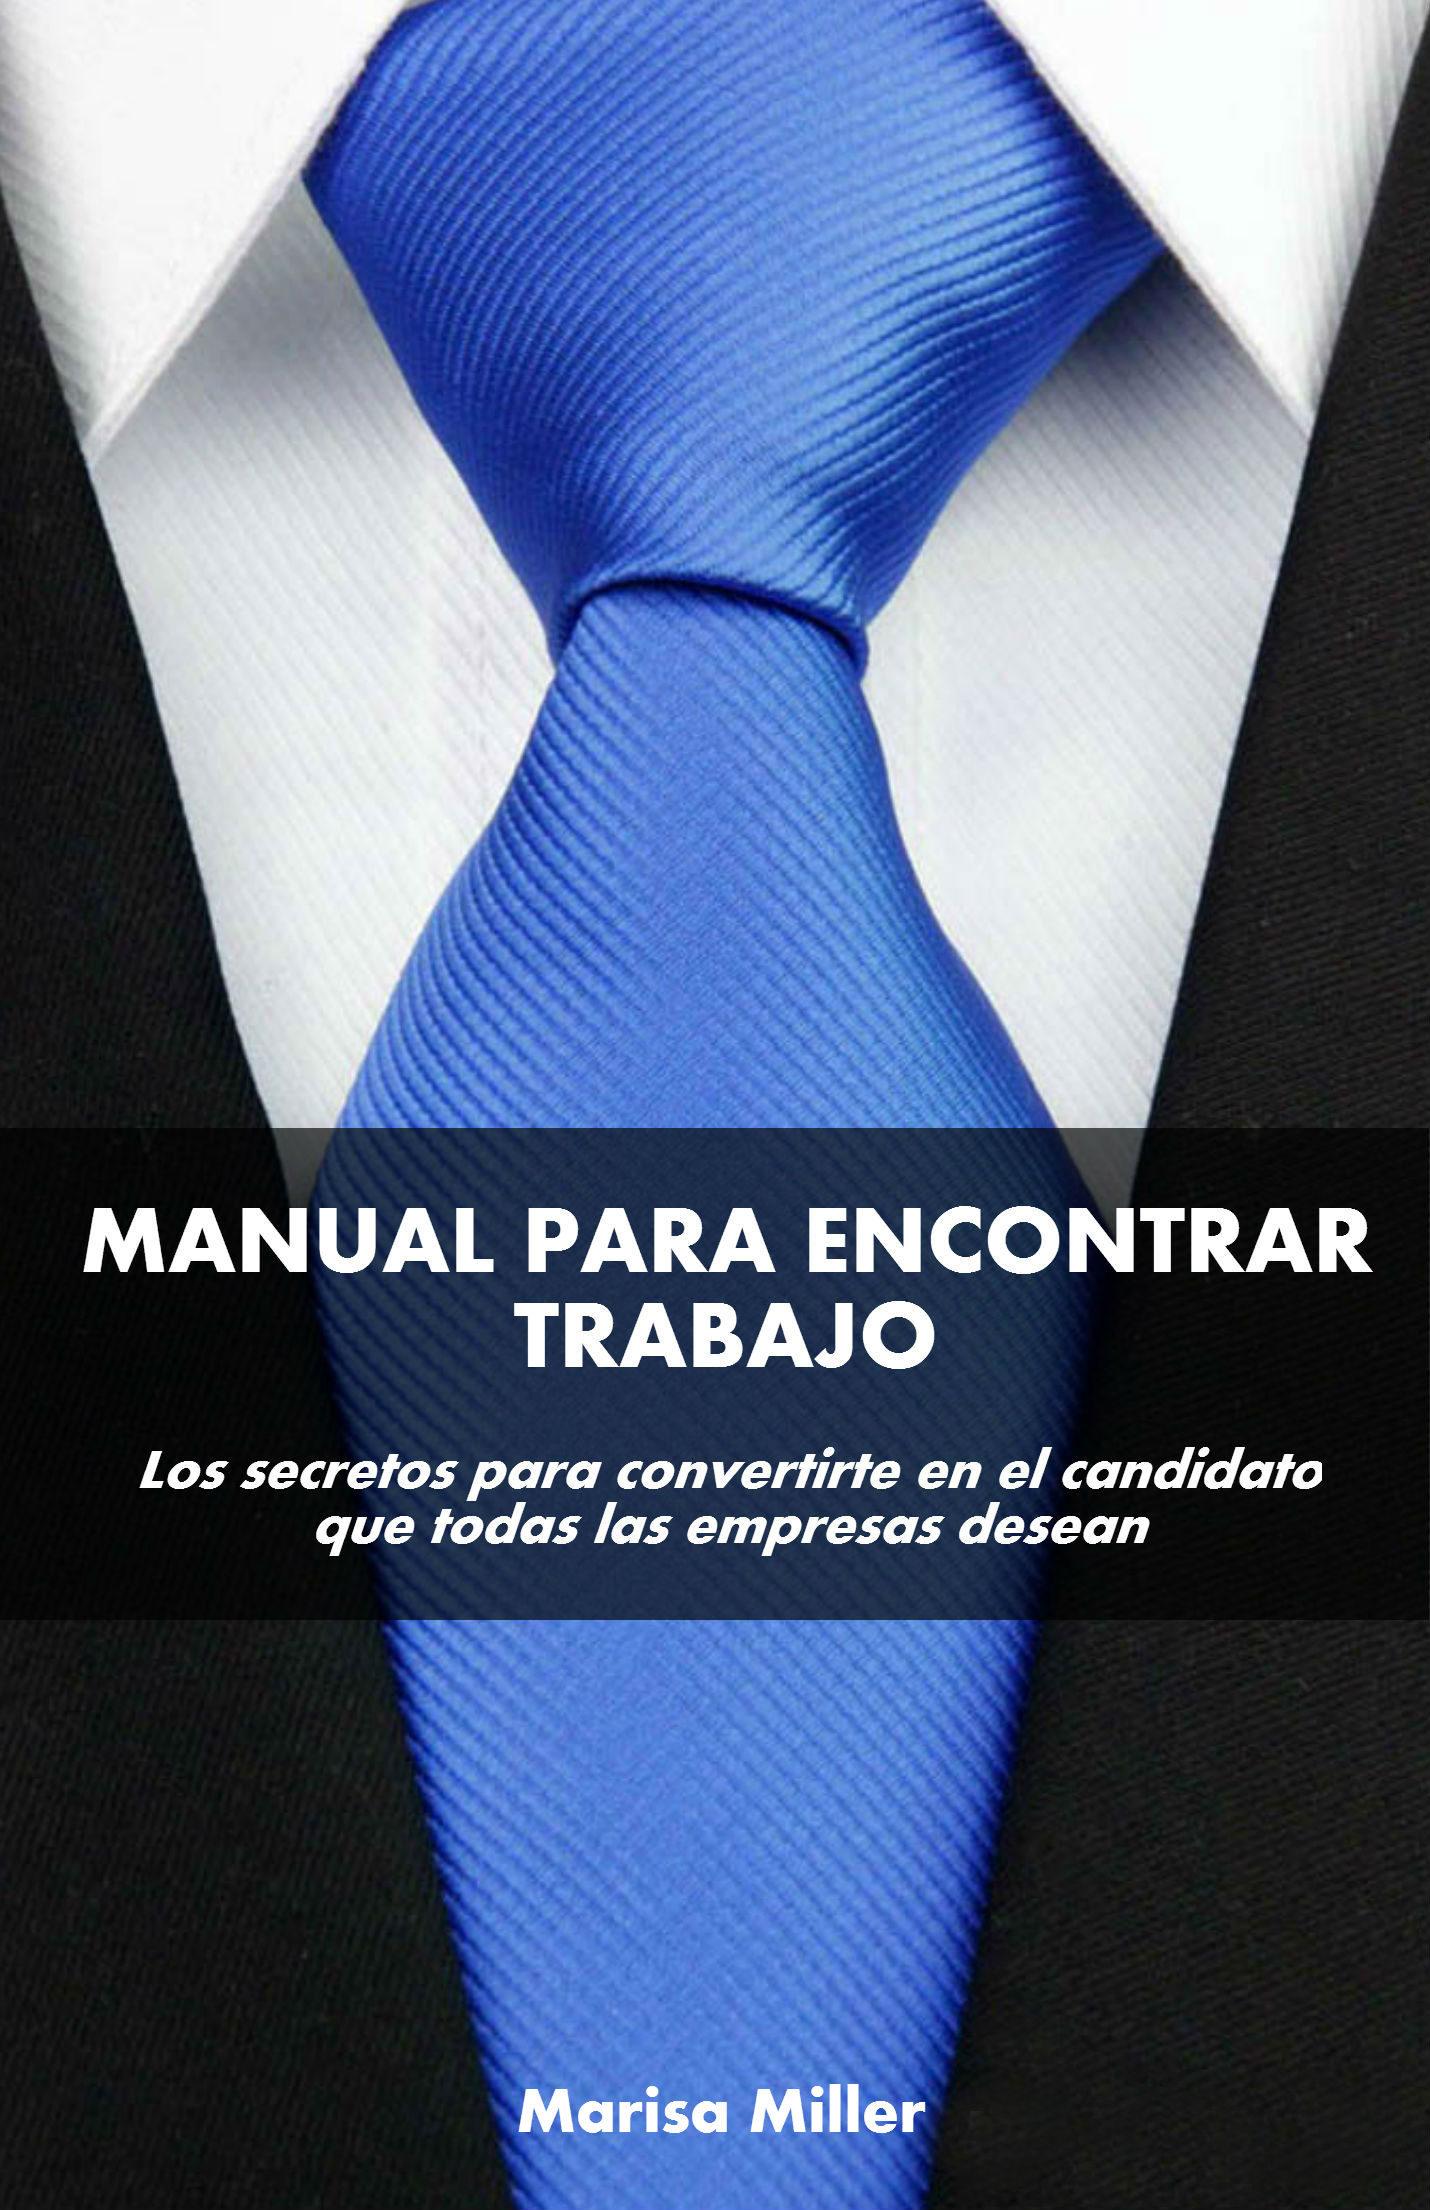 manual para enontrar trabajo (ebook)-cdlap00008940